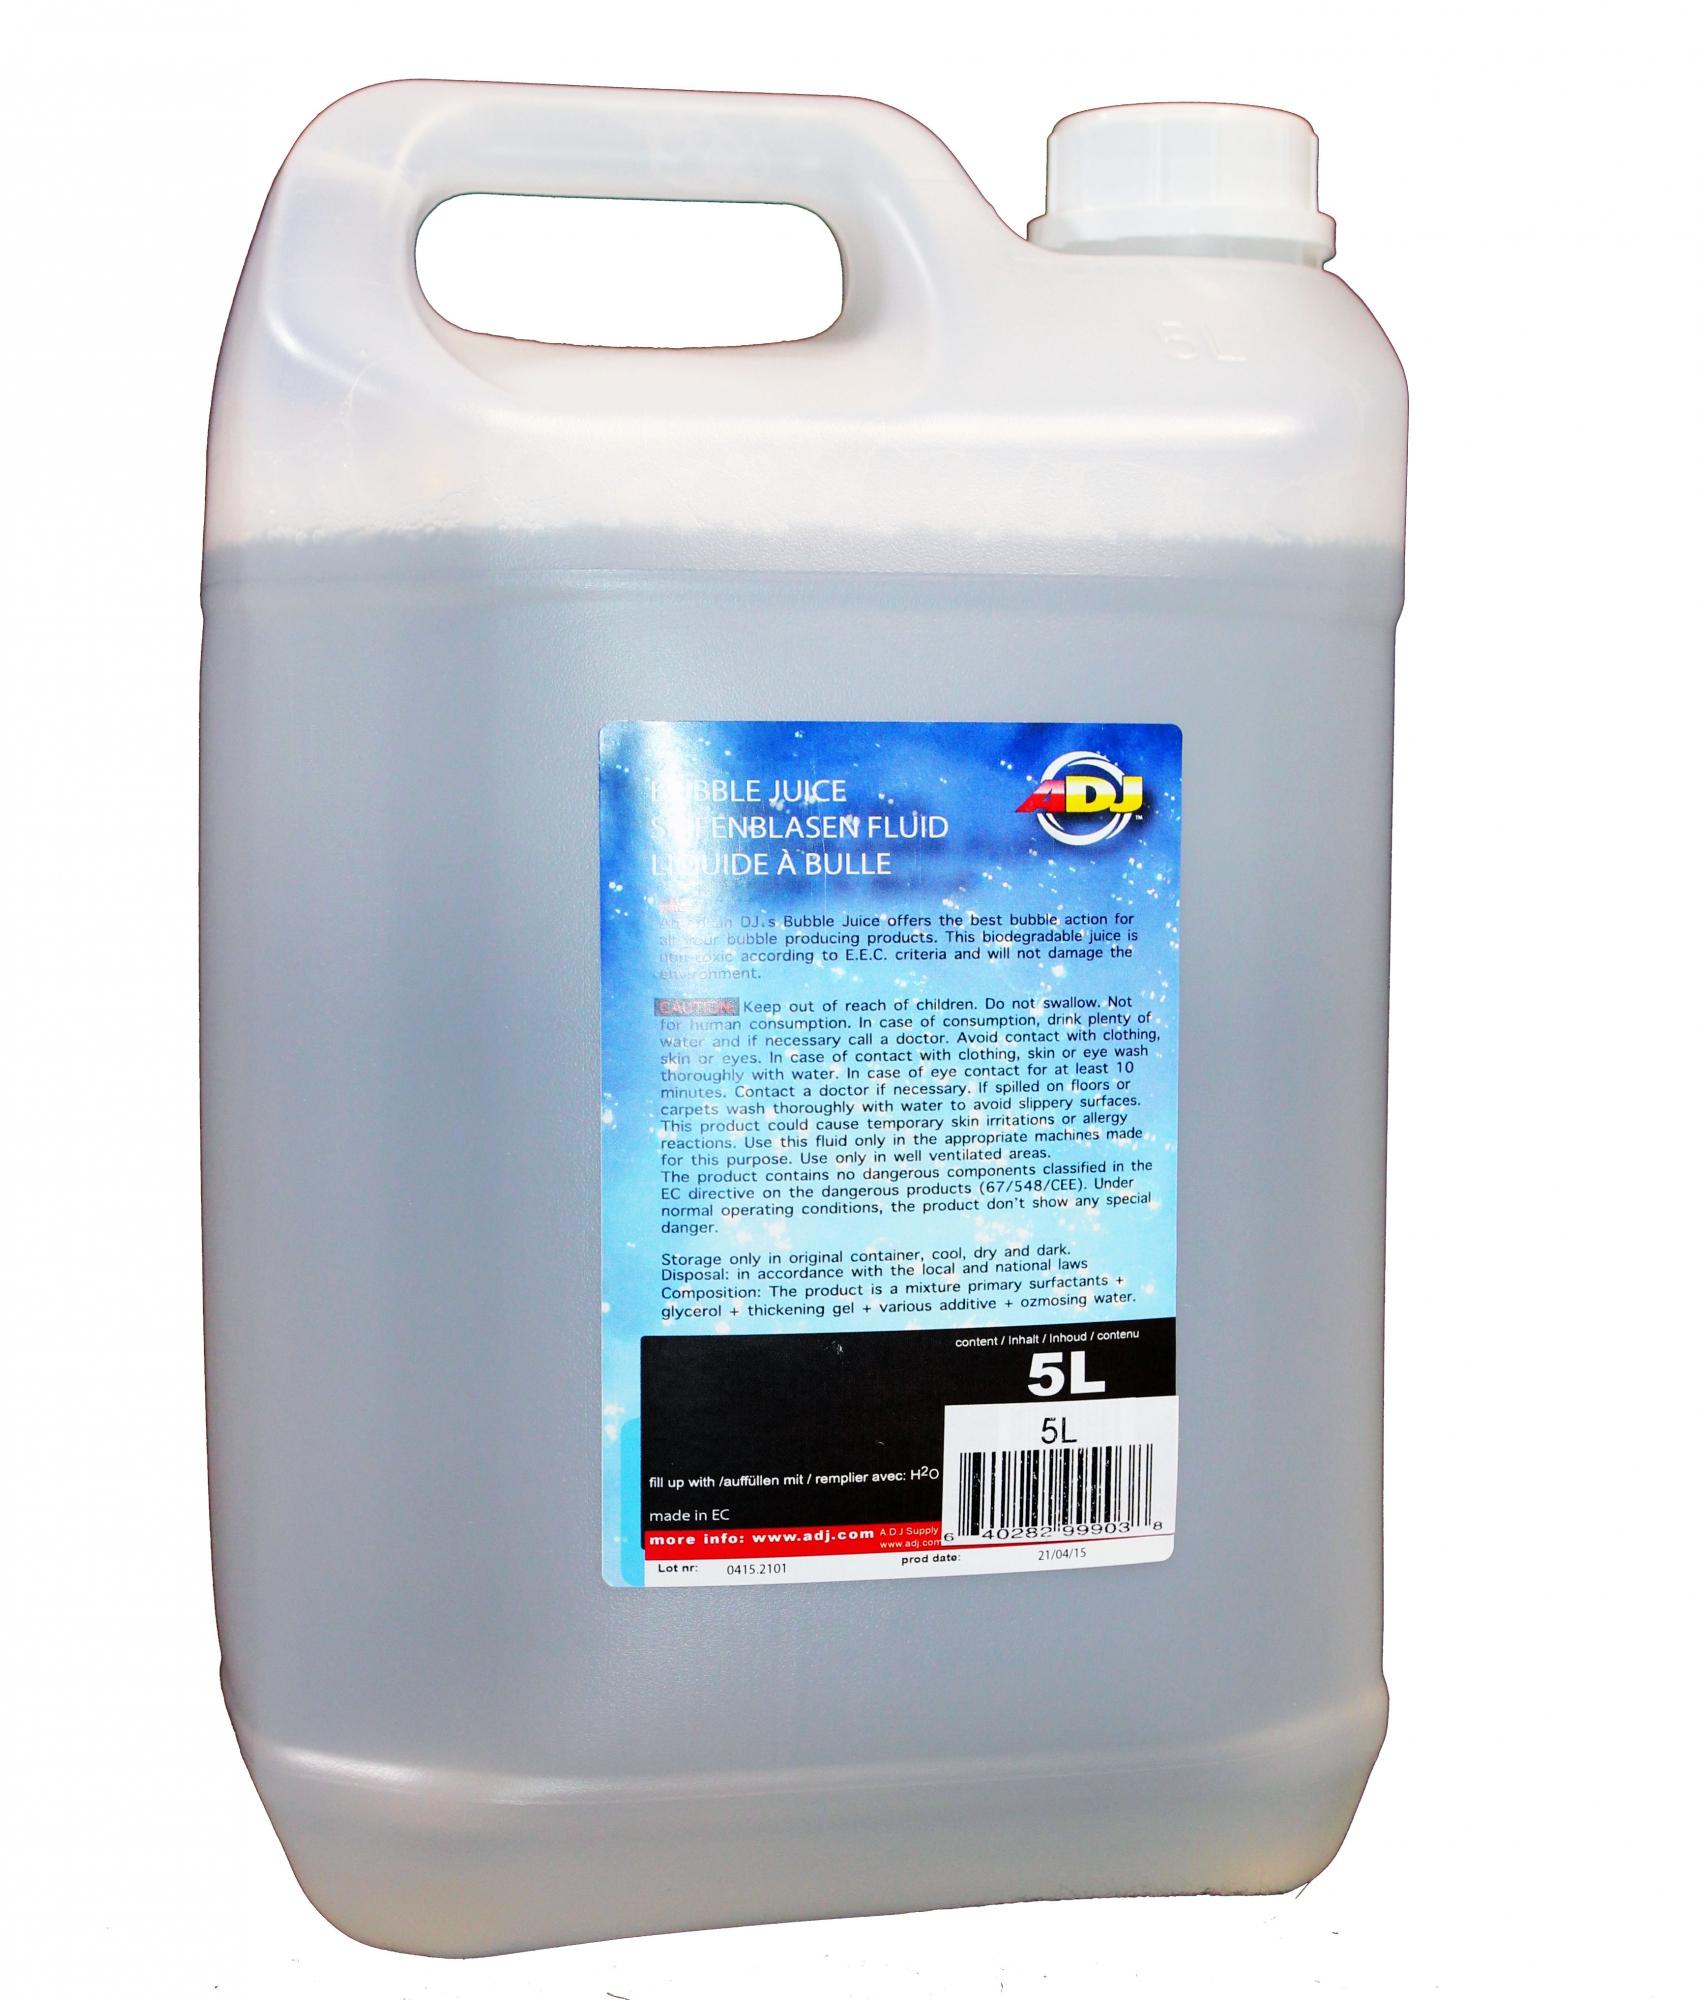 Billede af ADJ sæbeboble væske 5 liter